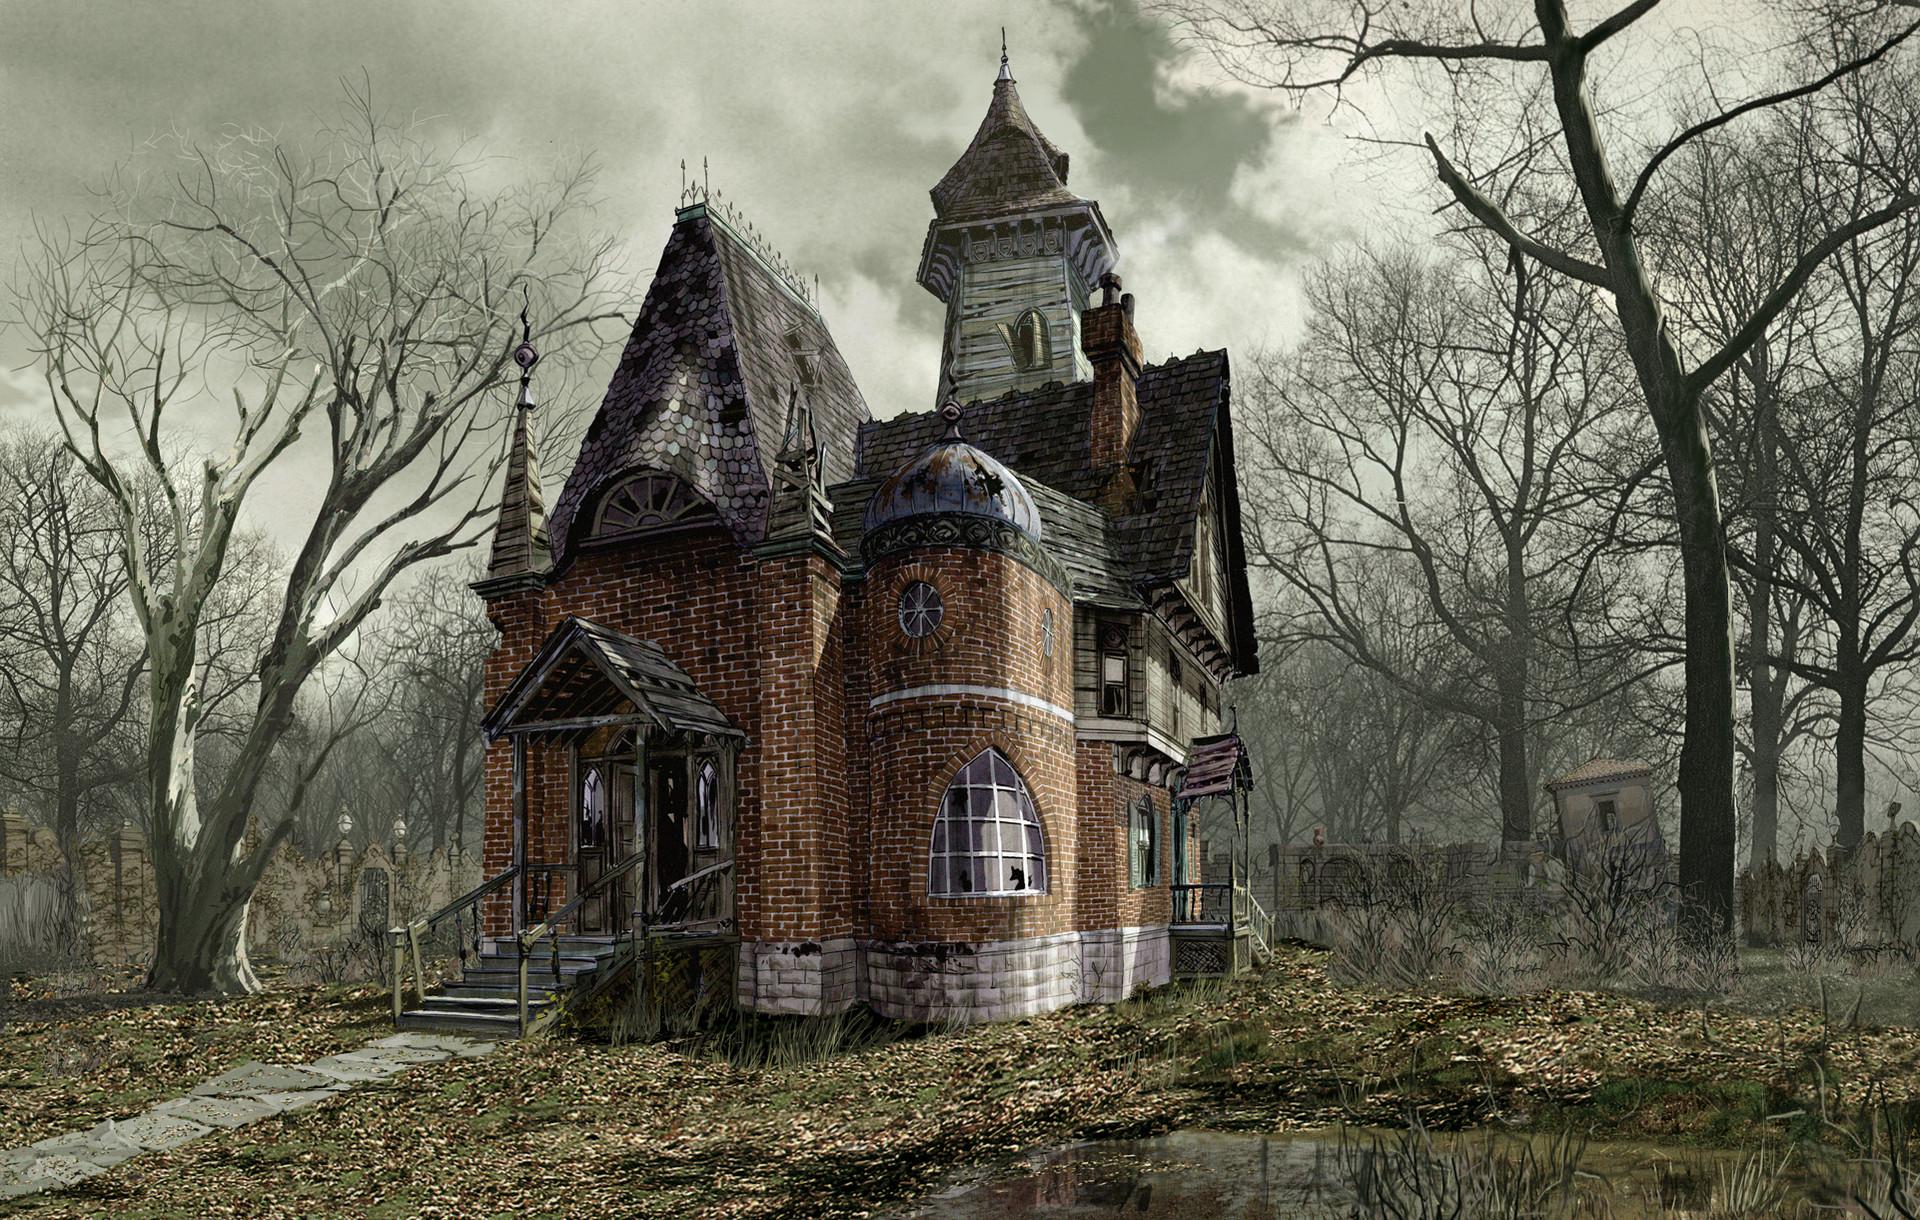 Rodolfo damaggio olaf s house260dpi